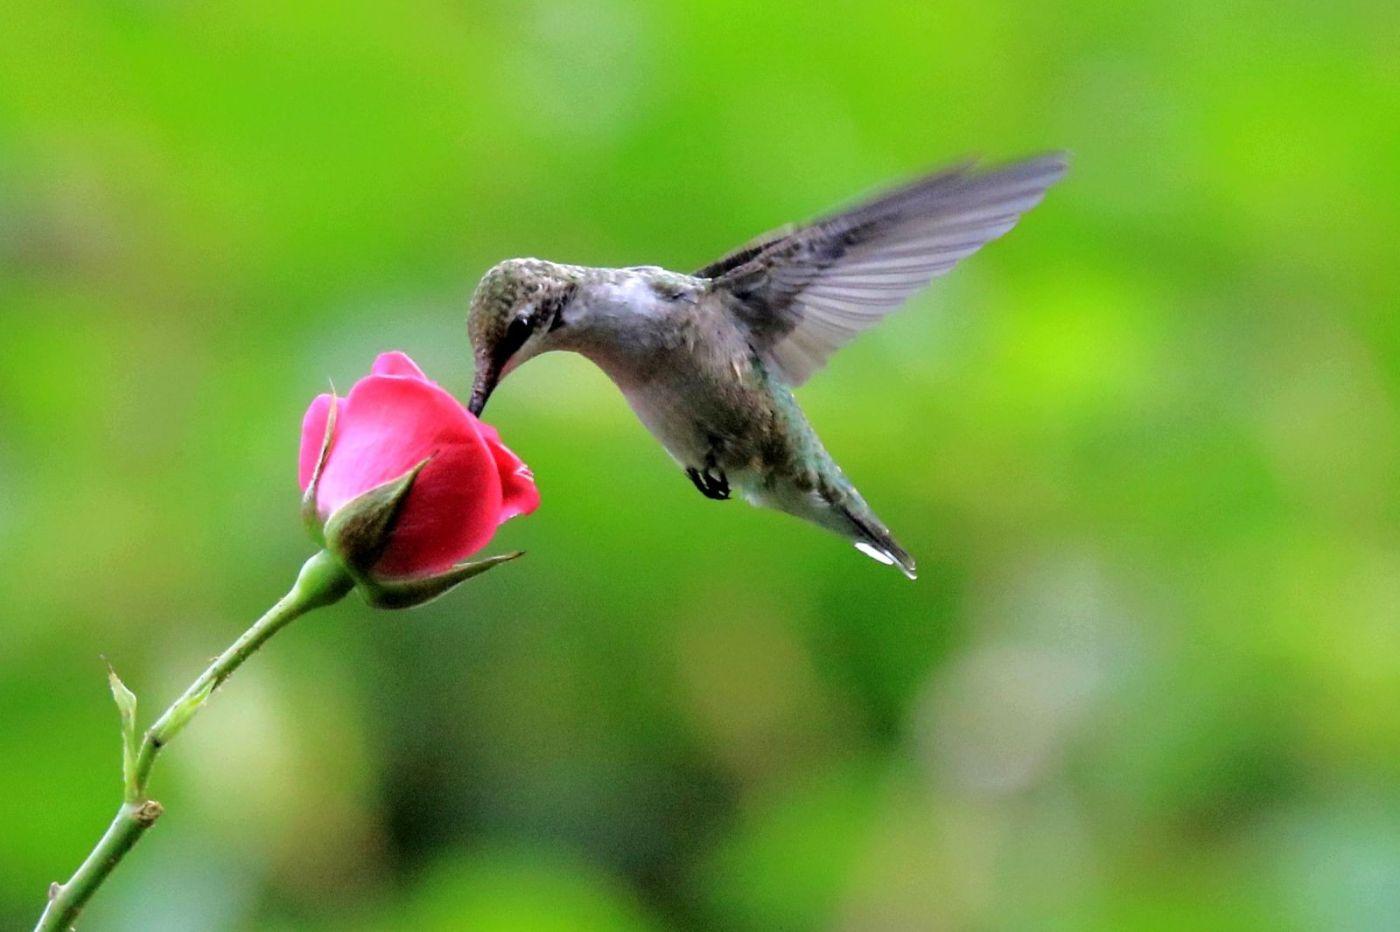 凯辛娜公园拍的蜂鸟_图1-2